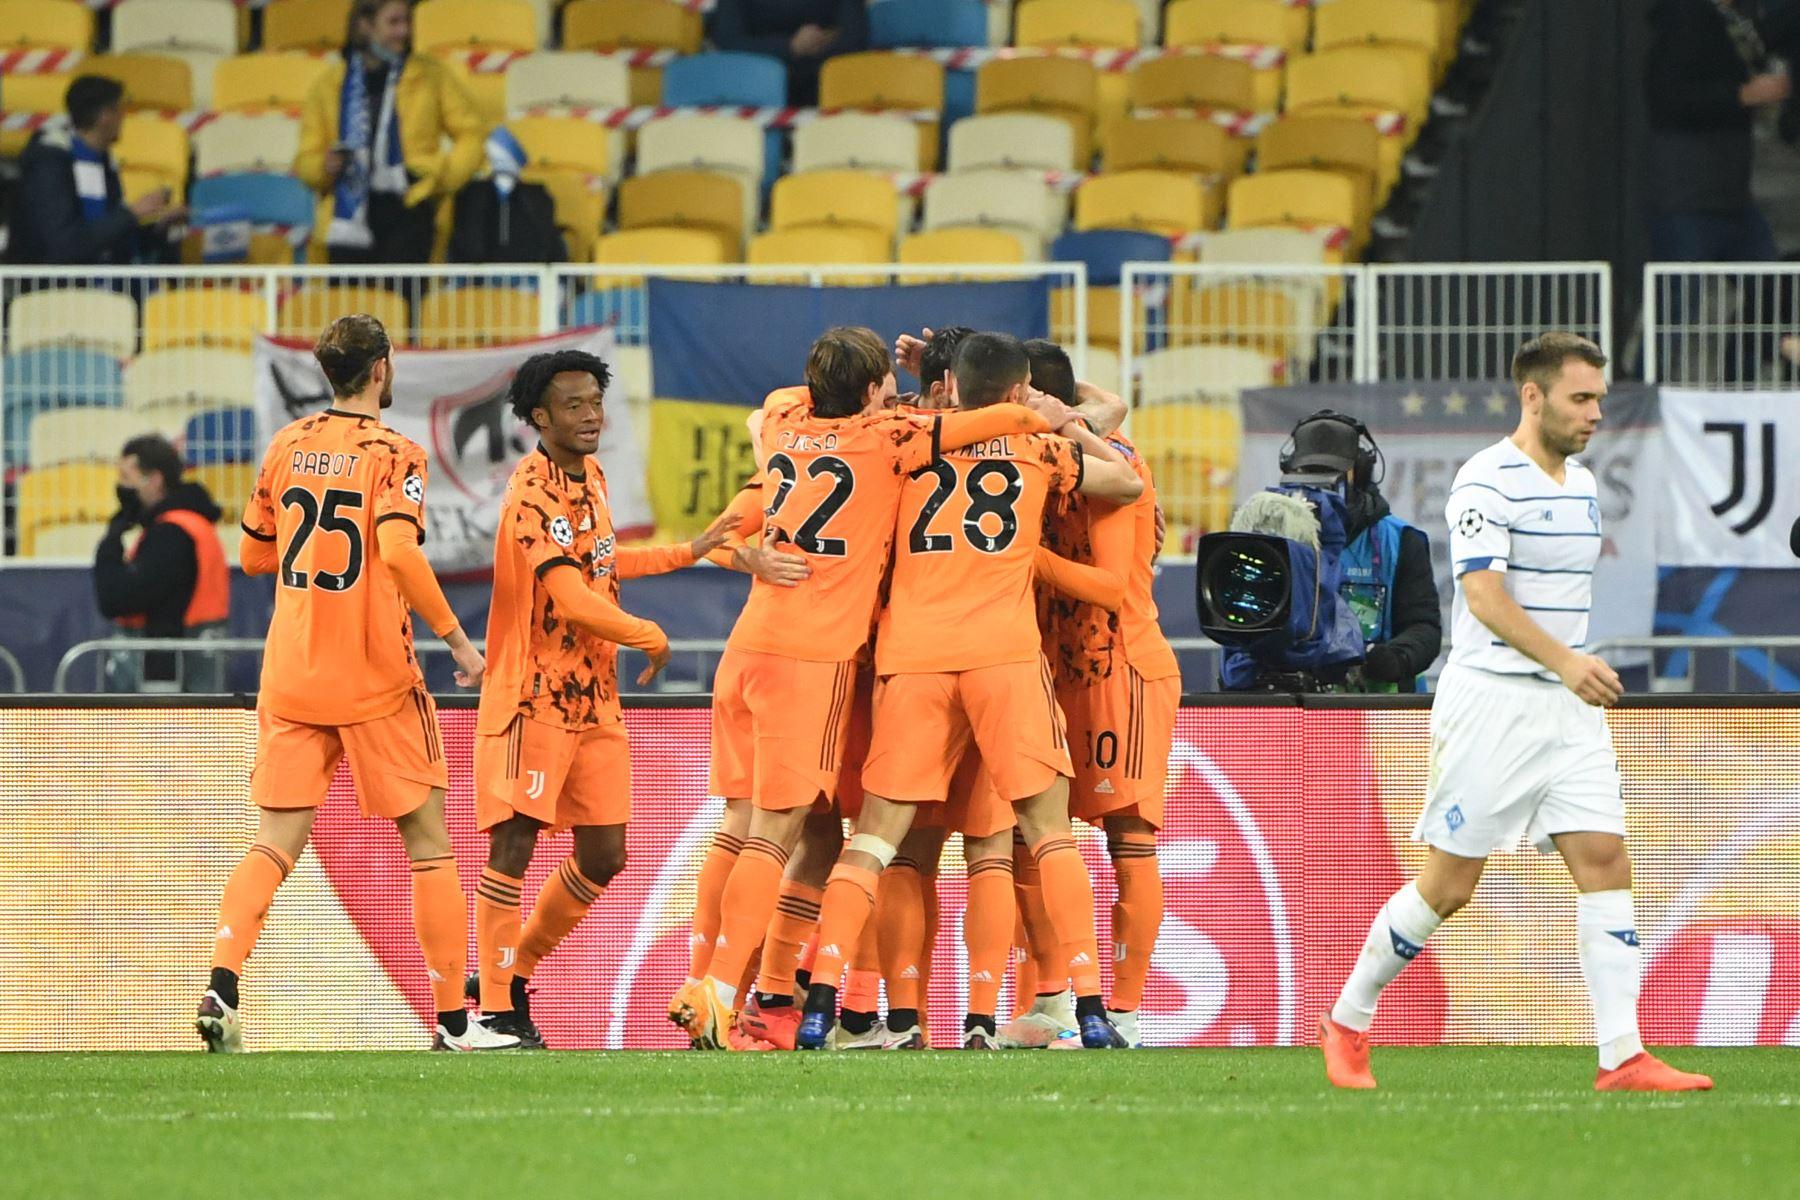 Los jugadores de la Juventus celebran el gol de apertura anotado por el delantero español Álvaro Morata durante el partido contra Dinamo Kiev por el grupo G de la Liga de Campeones de la UEFA. Foto: AFP